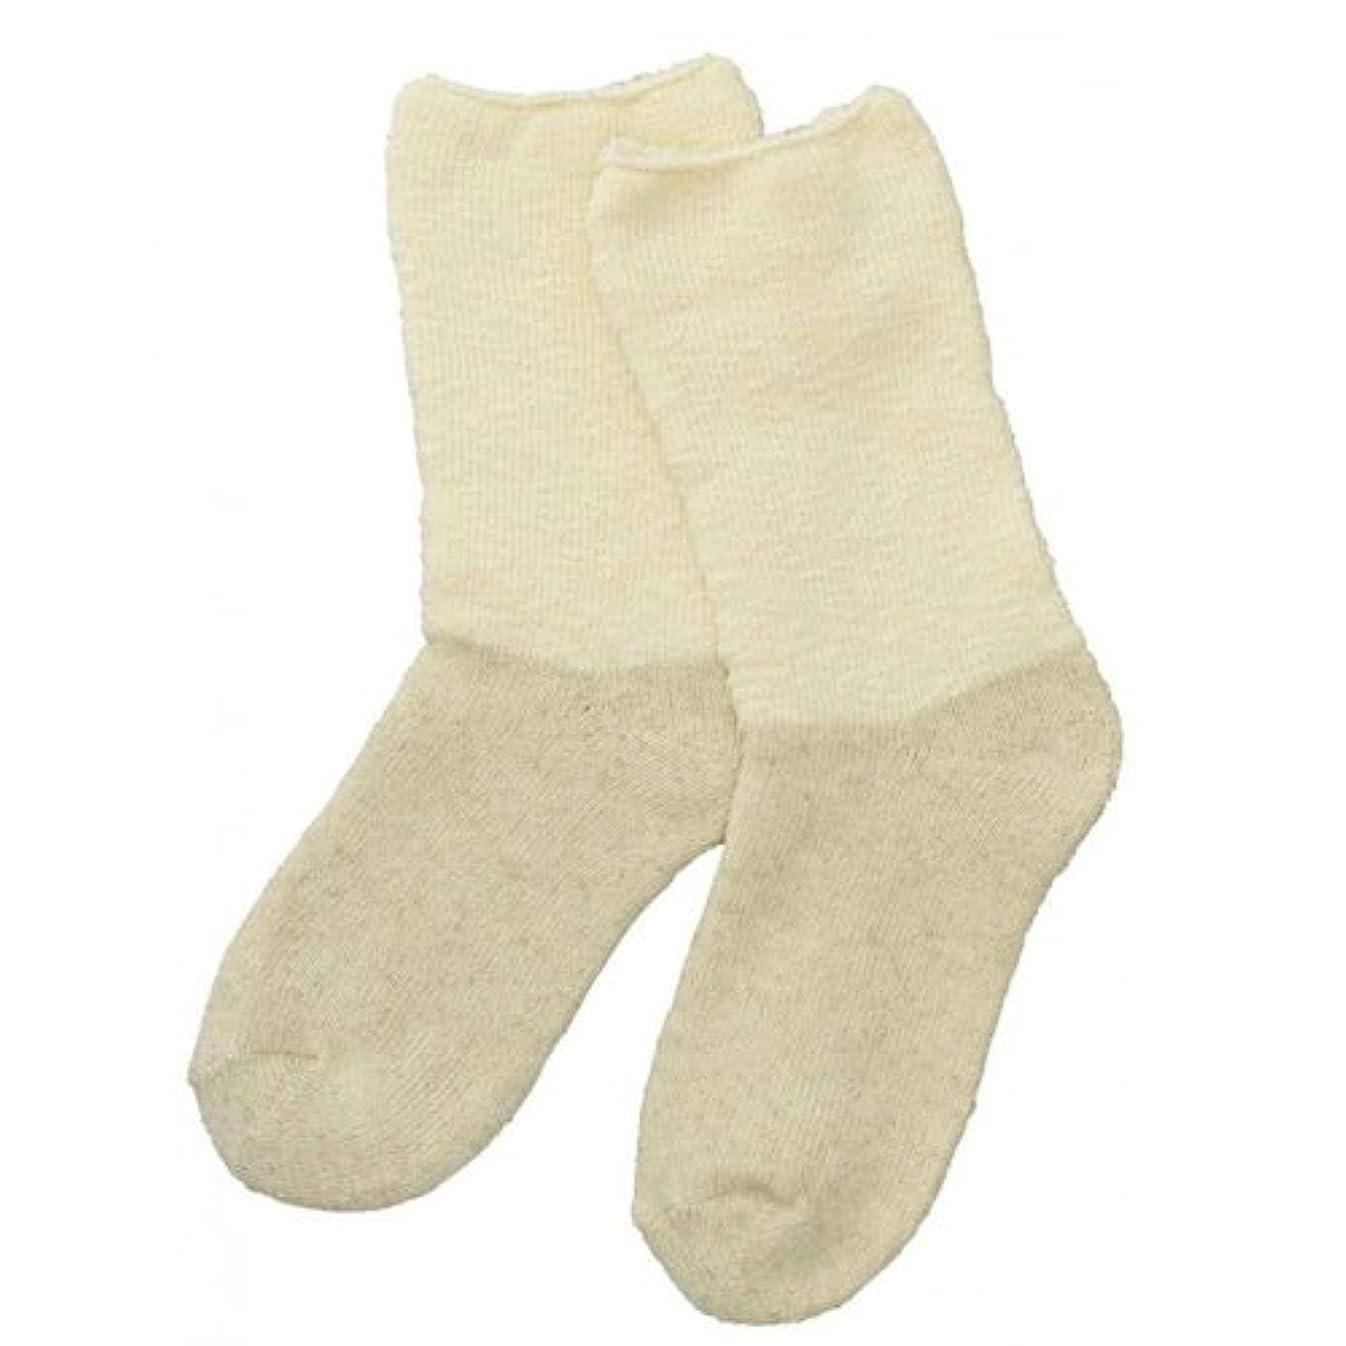 支払う活気づくモッキンバードCarelance(ケアランス)お風呂上りのやさしい靴下 綿麻パイルで足先さわやか 8706CA-31 クリーム